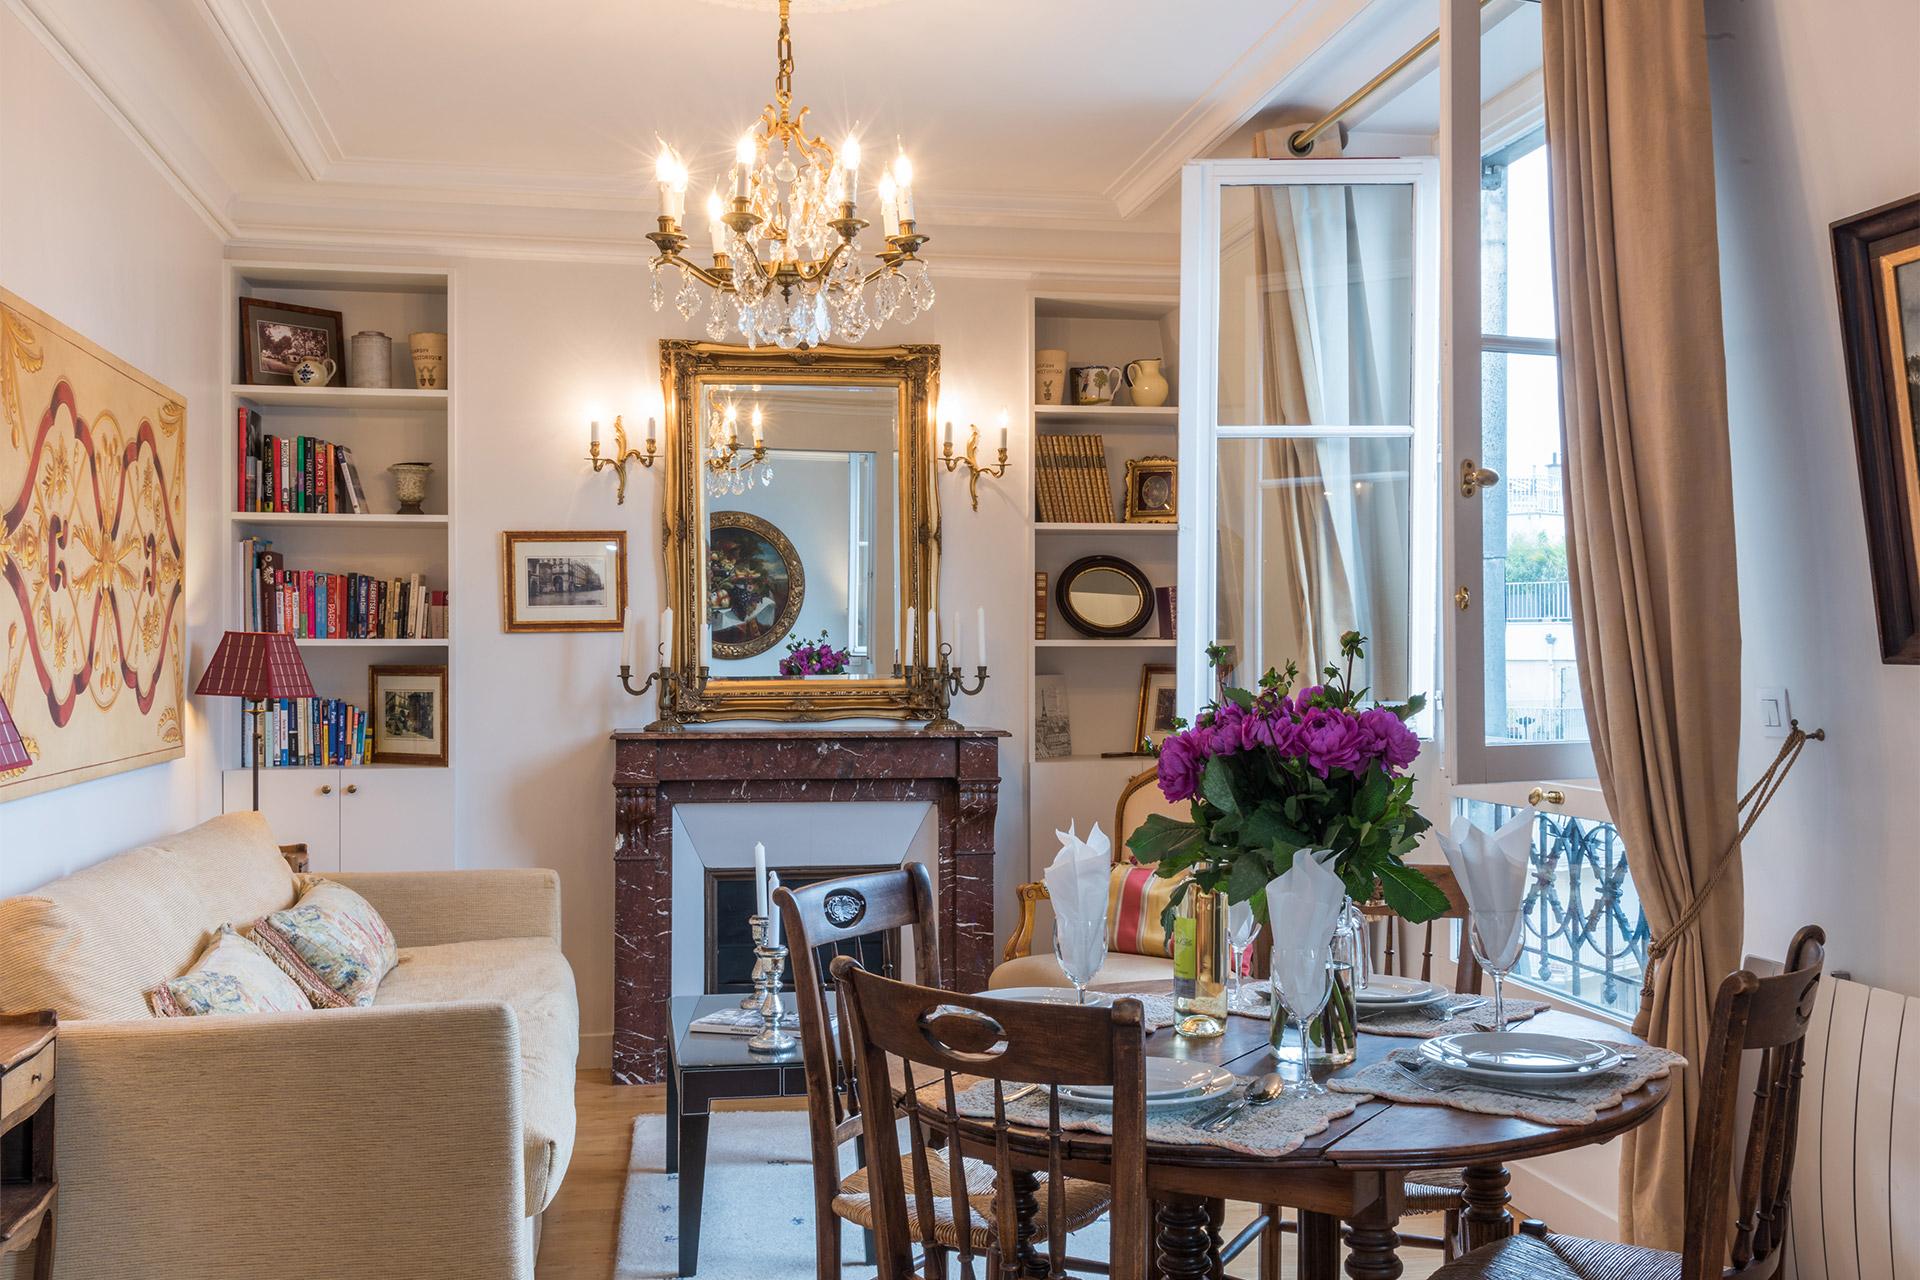 captivating jl deniot paris living room apartm | Paris | the paris apartment